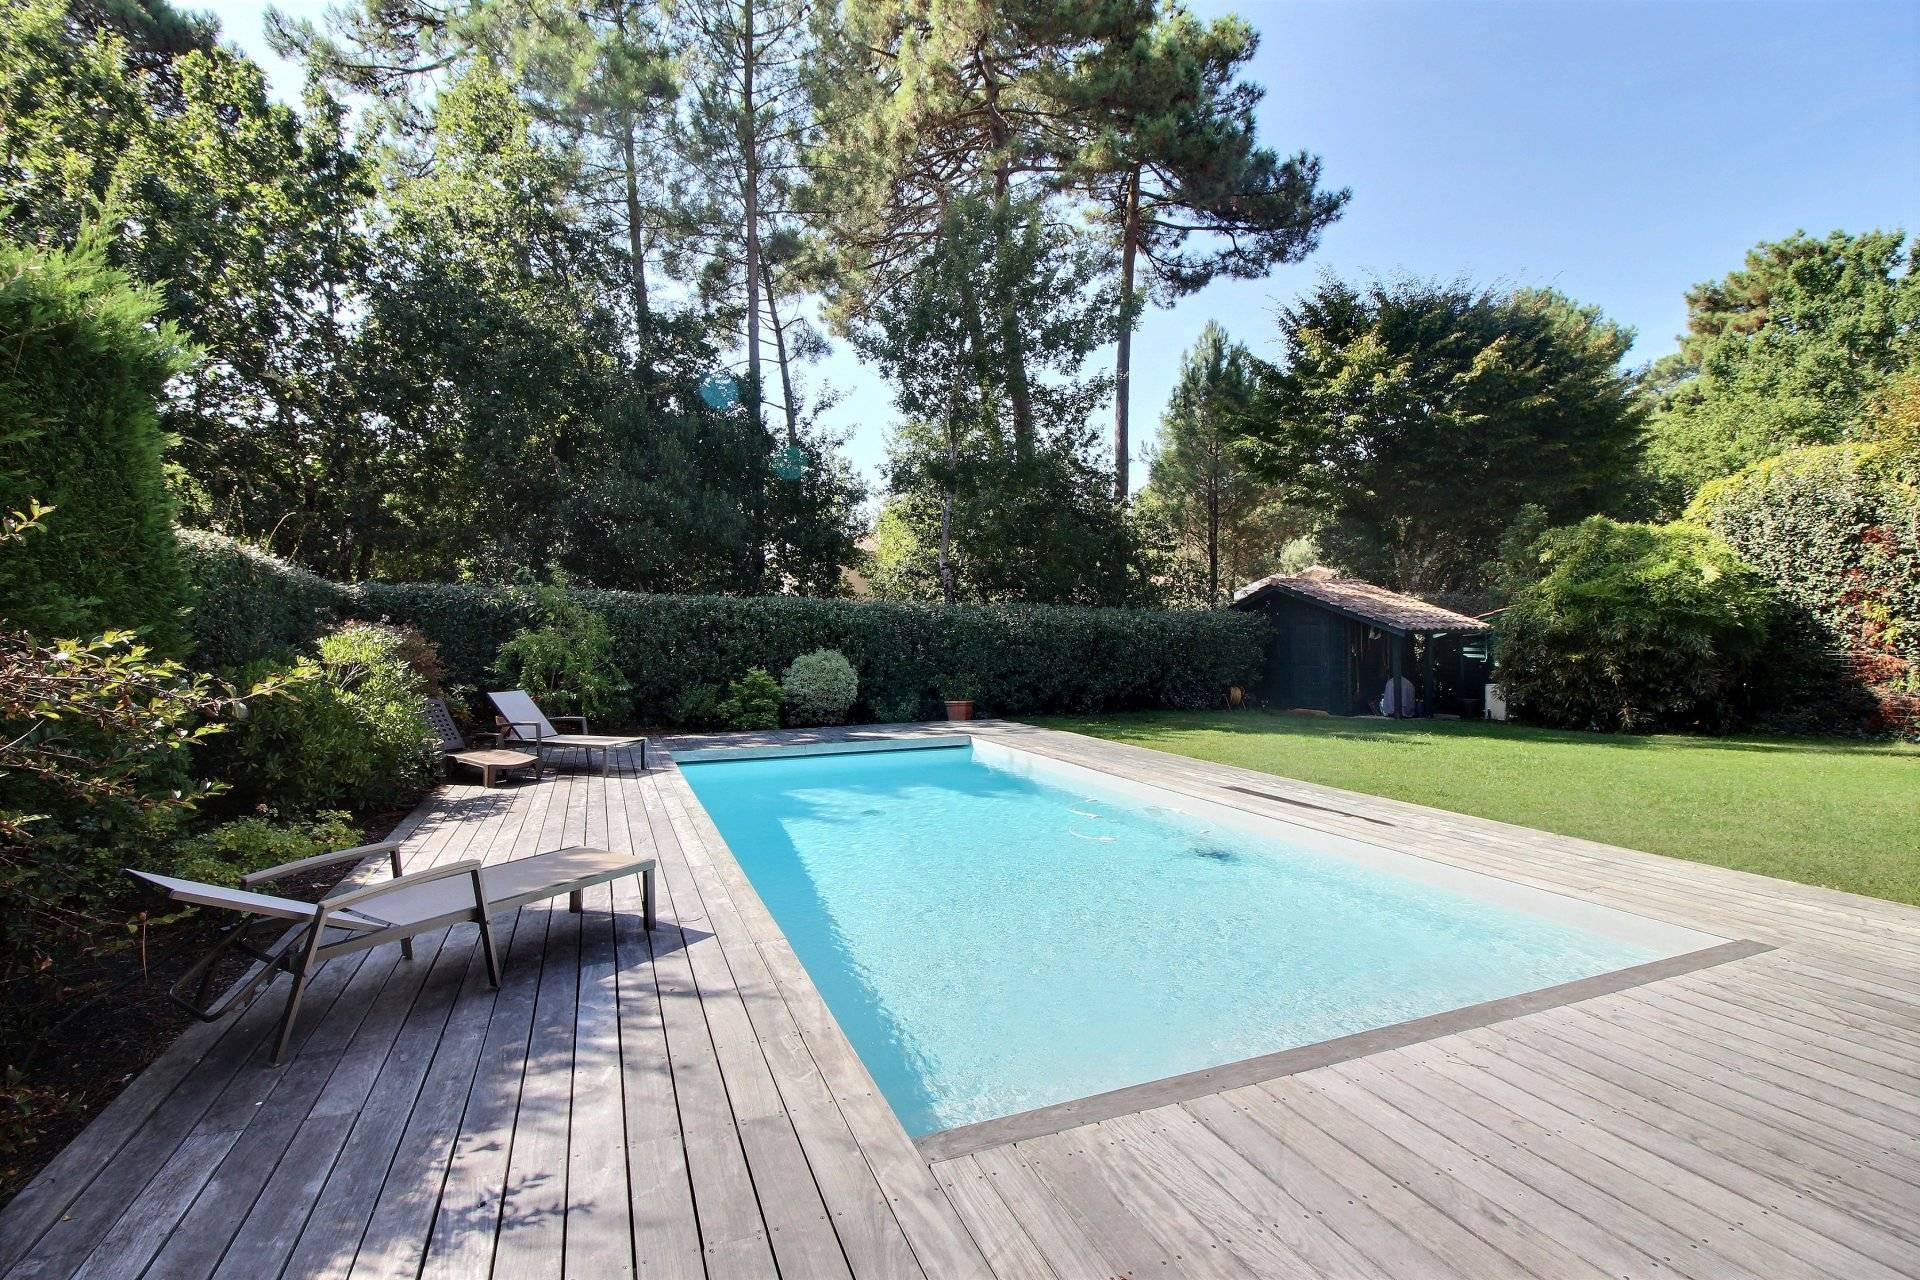 Achat maison contemporaine de plain pied 4 chambres avec piscine la teste de buch coldwell banker - Plain pied 4 chambres ...